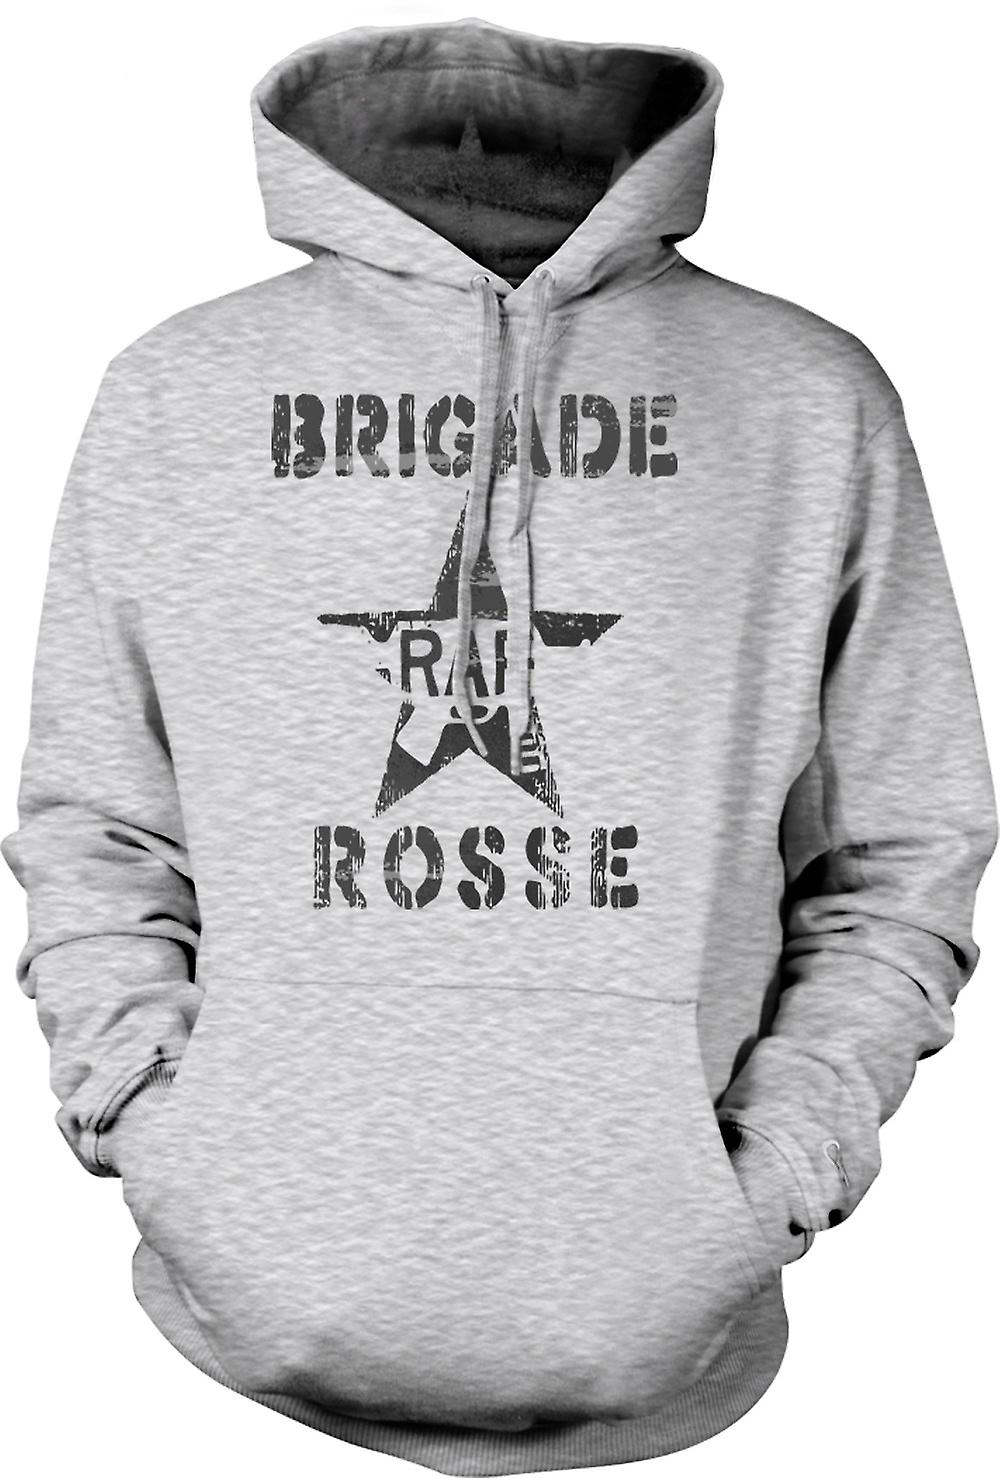 Mens Hoodie - Brigade Rosse - Marxist